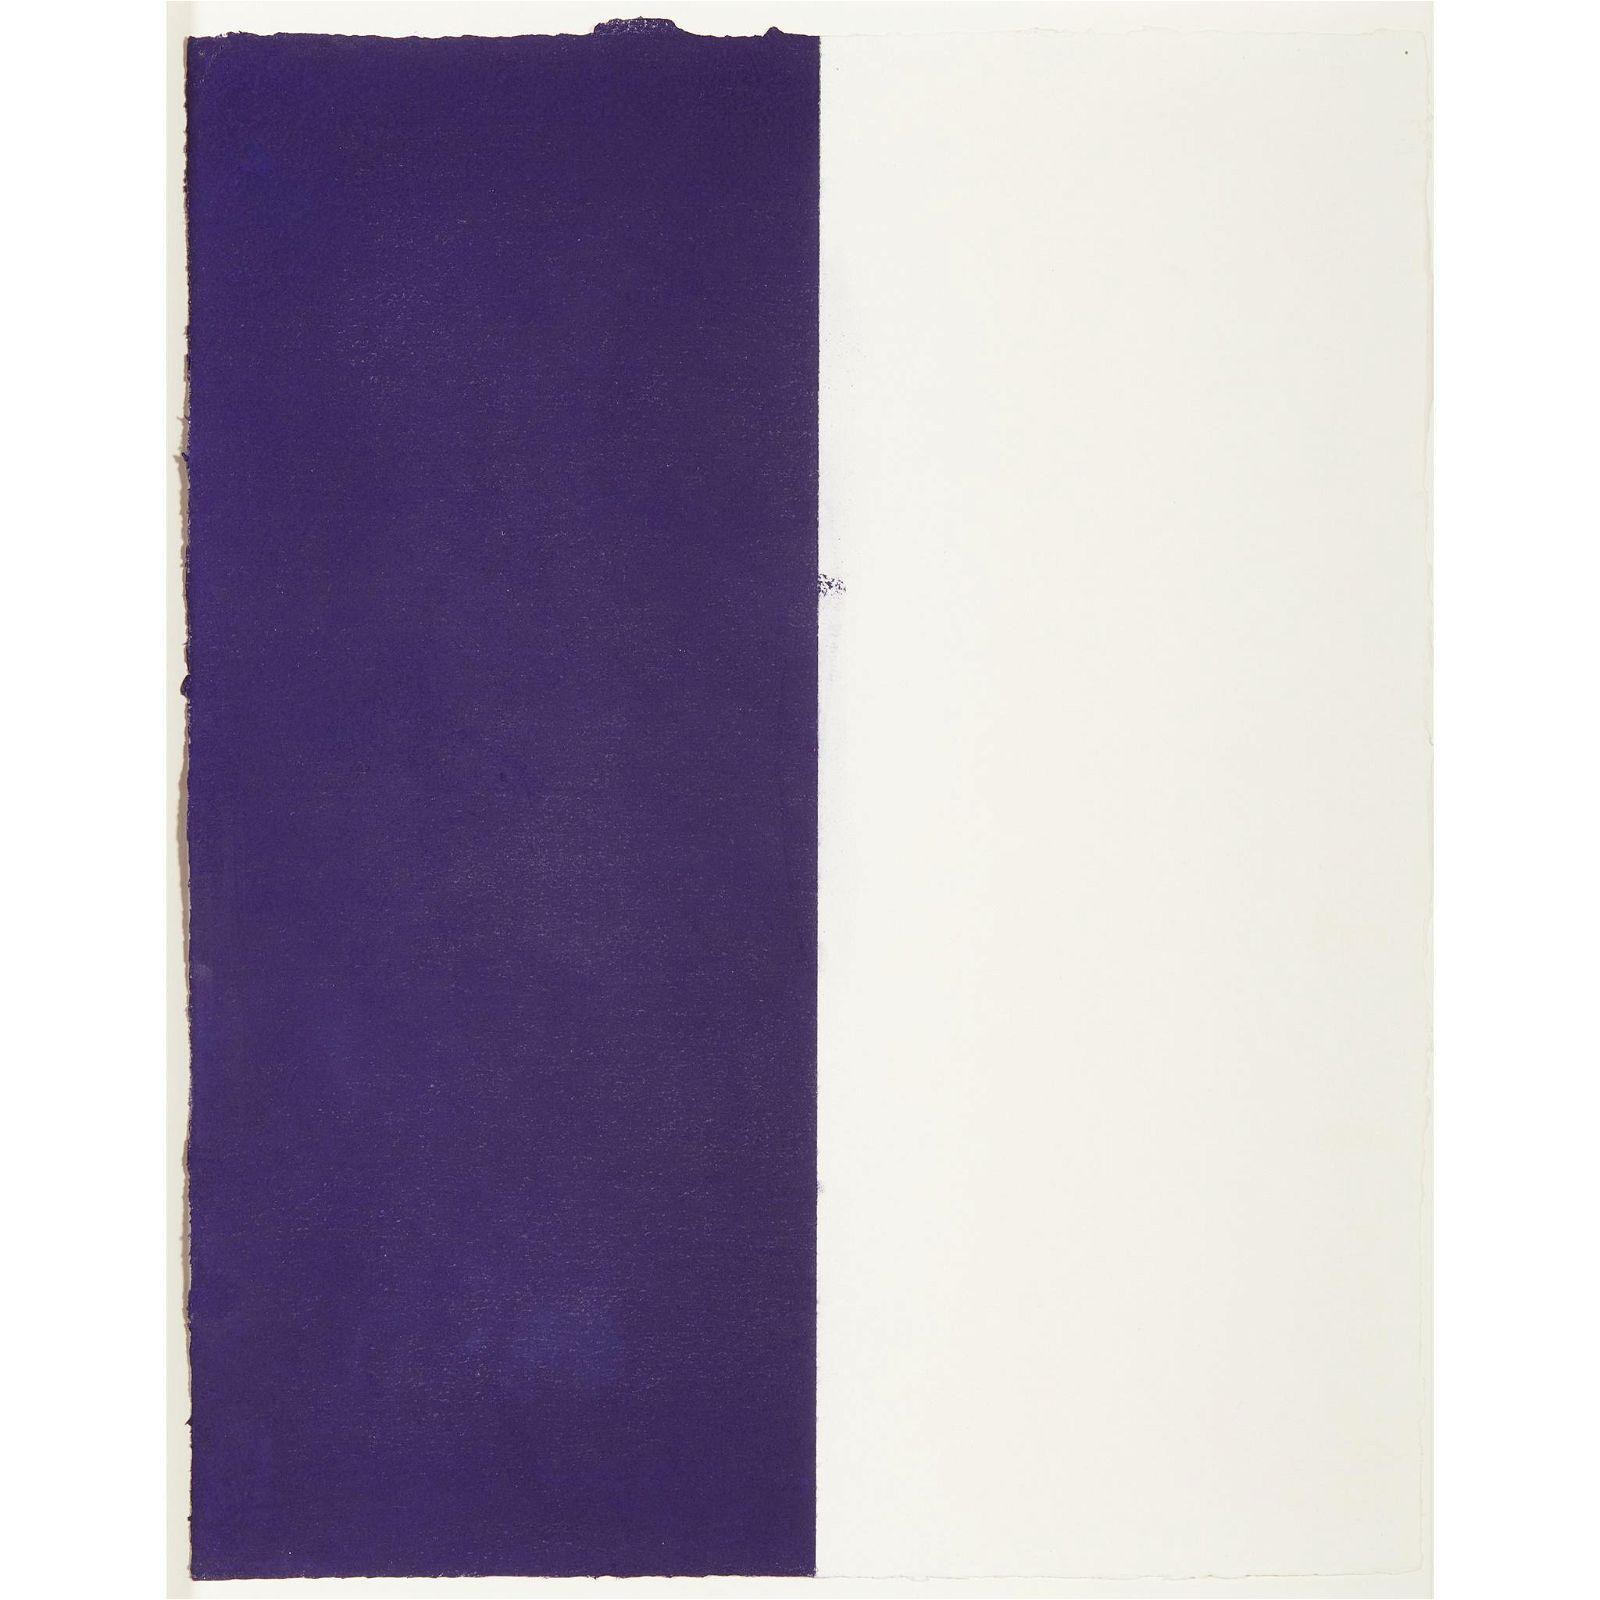 § CALLUM INNES (SCOTTISH 1962-) UNTITLED, 2012